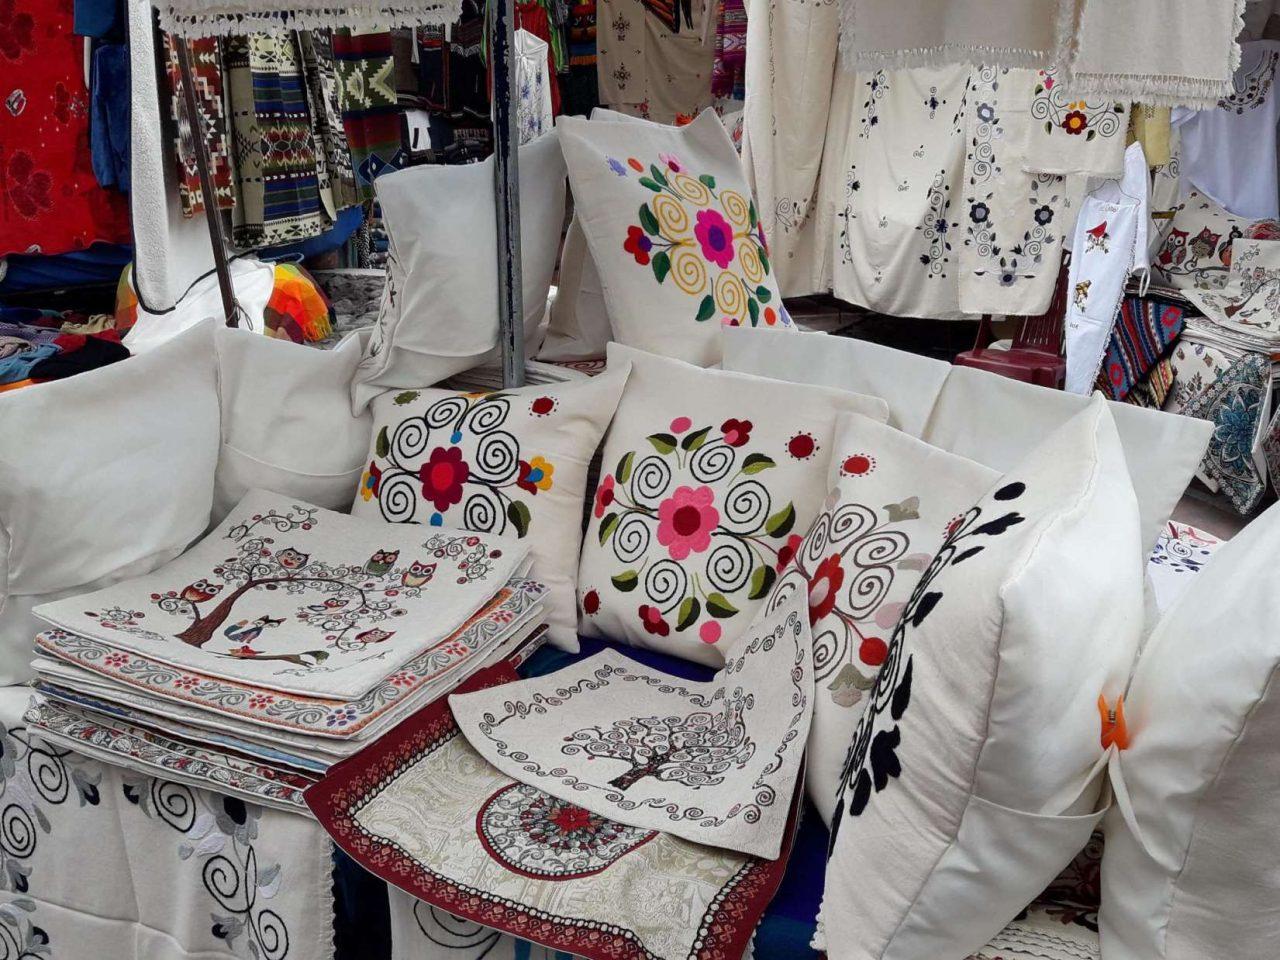 embroidery at otavalo market,otavalo market tour, tour otavalo market, quito to otavalo market, ecuatouring